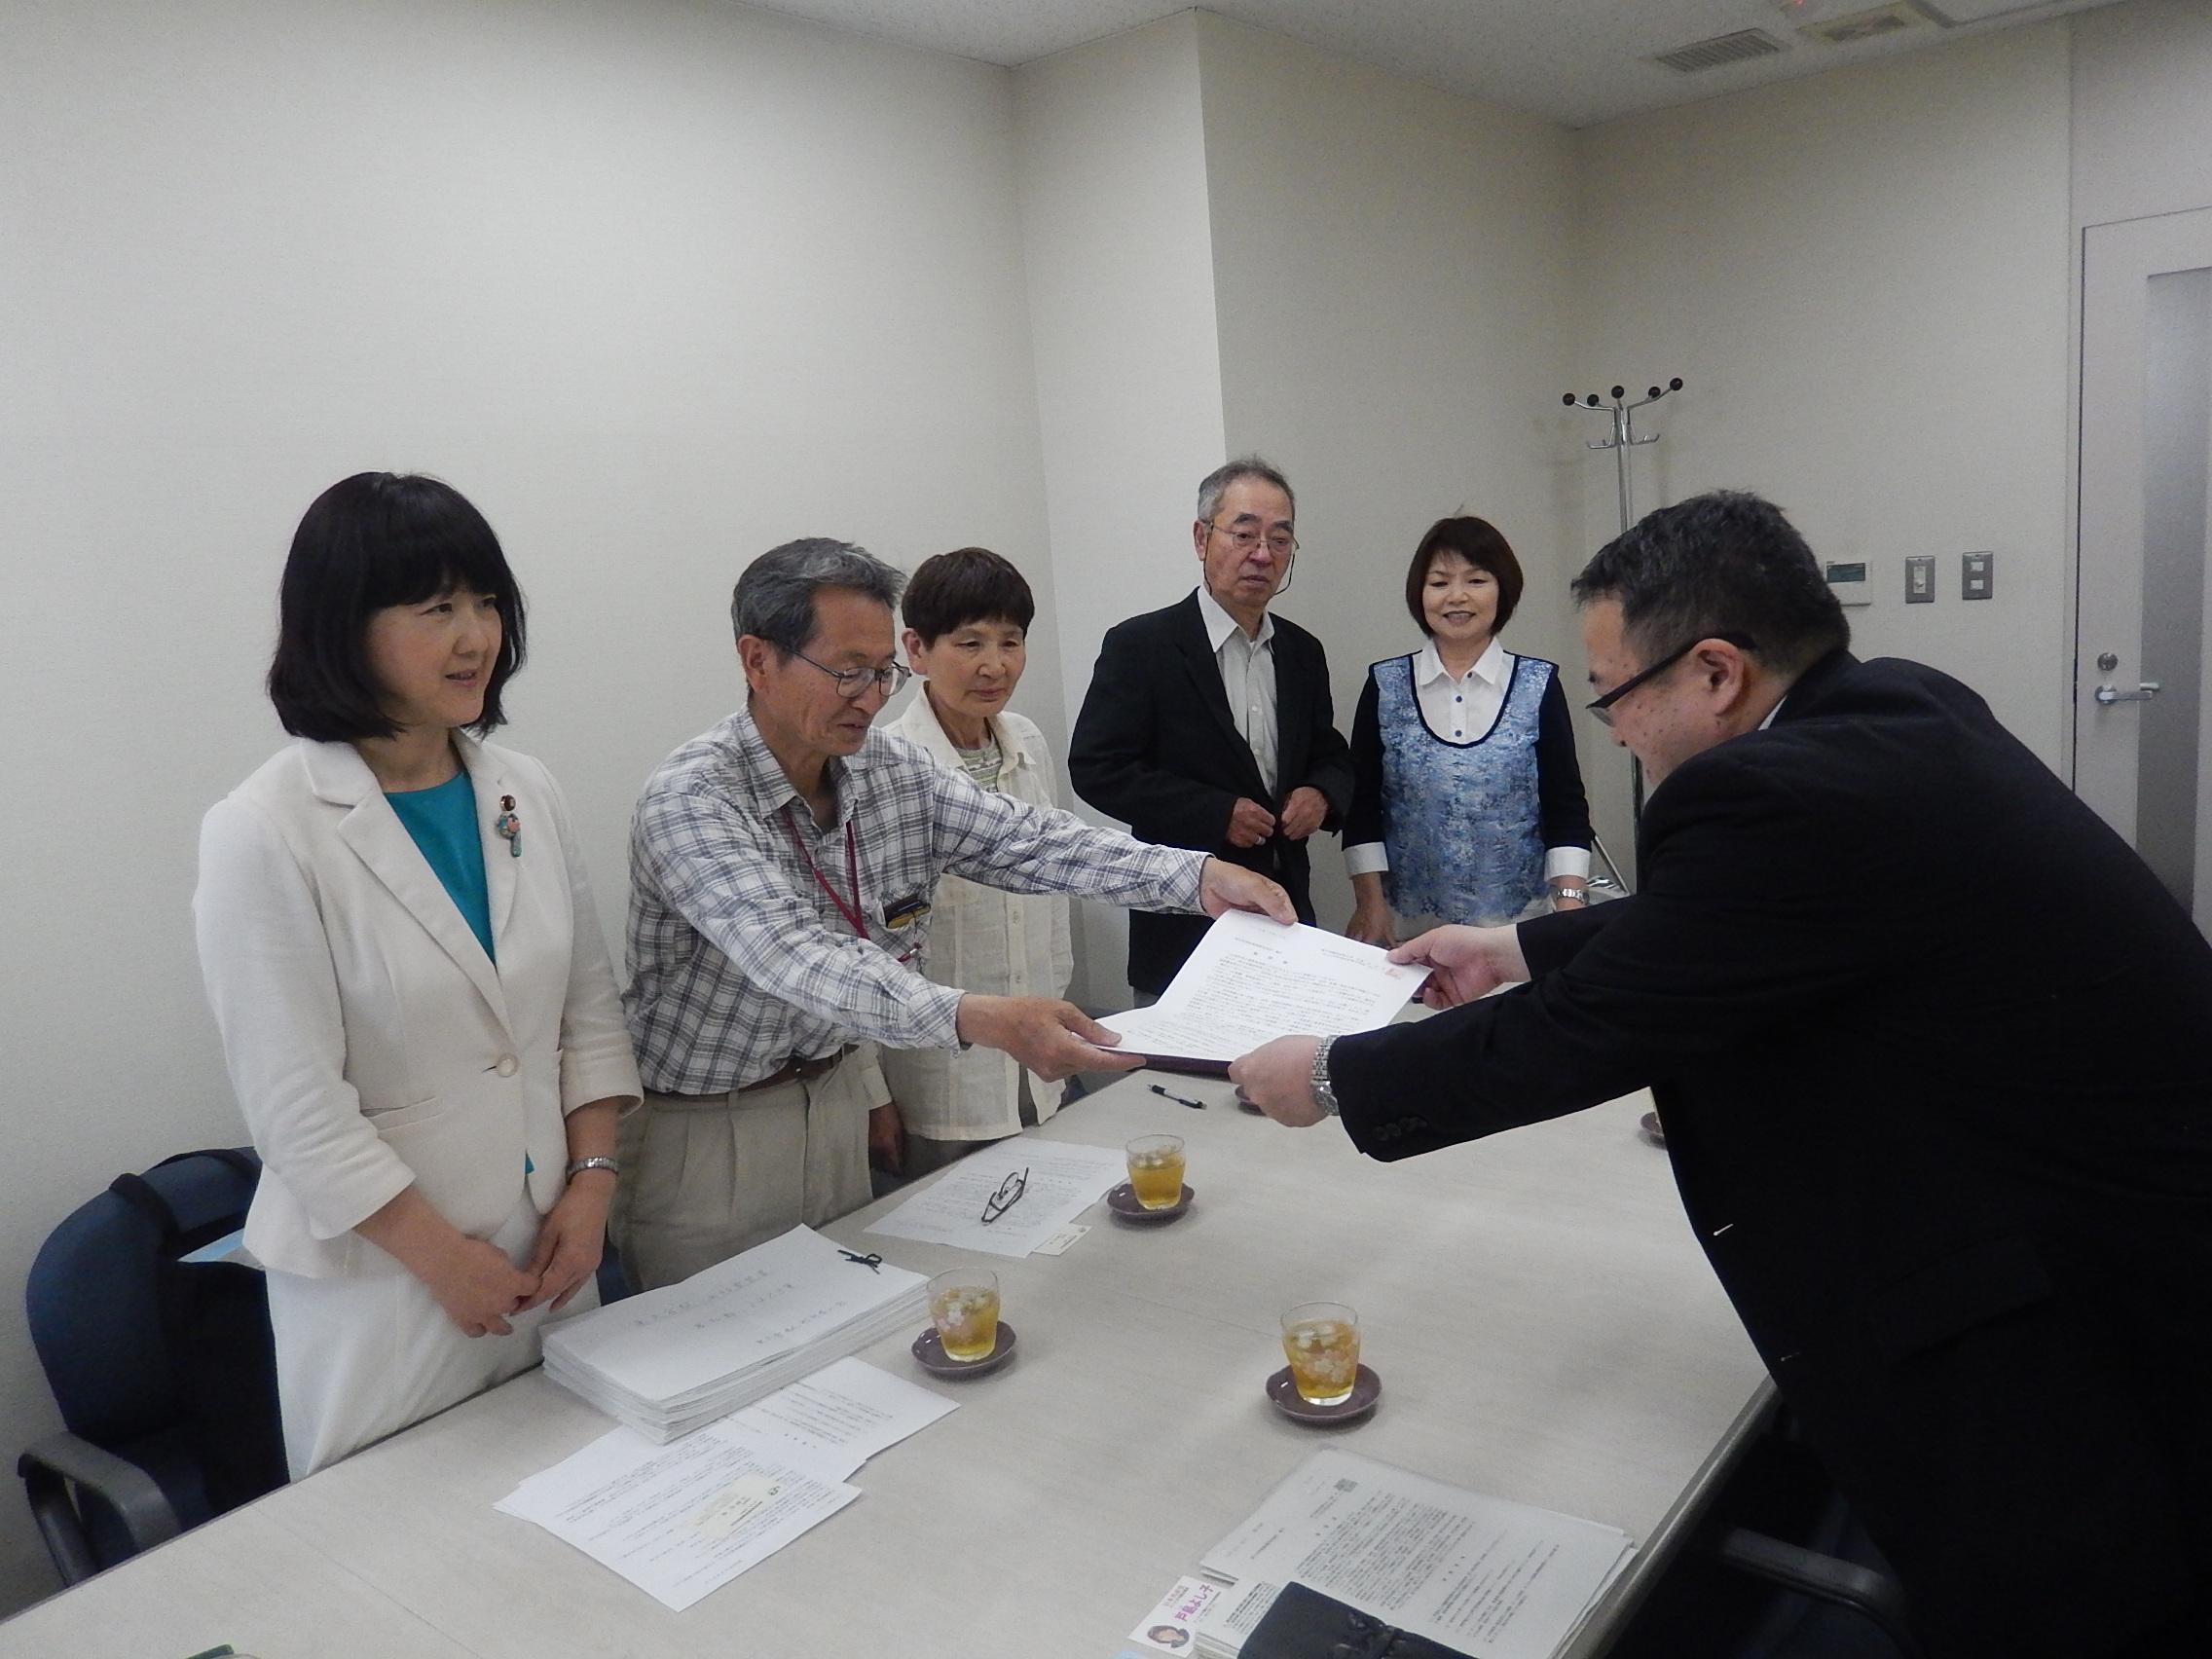 要望書を提出する「東大宮駅利用者の会」のみなさんと戸島市議(右から2人目)